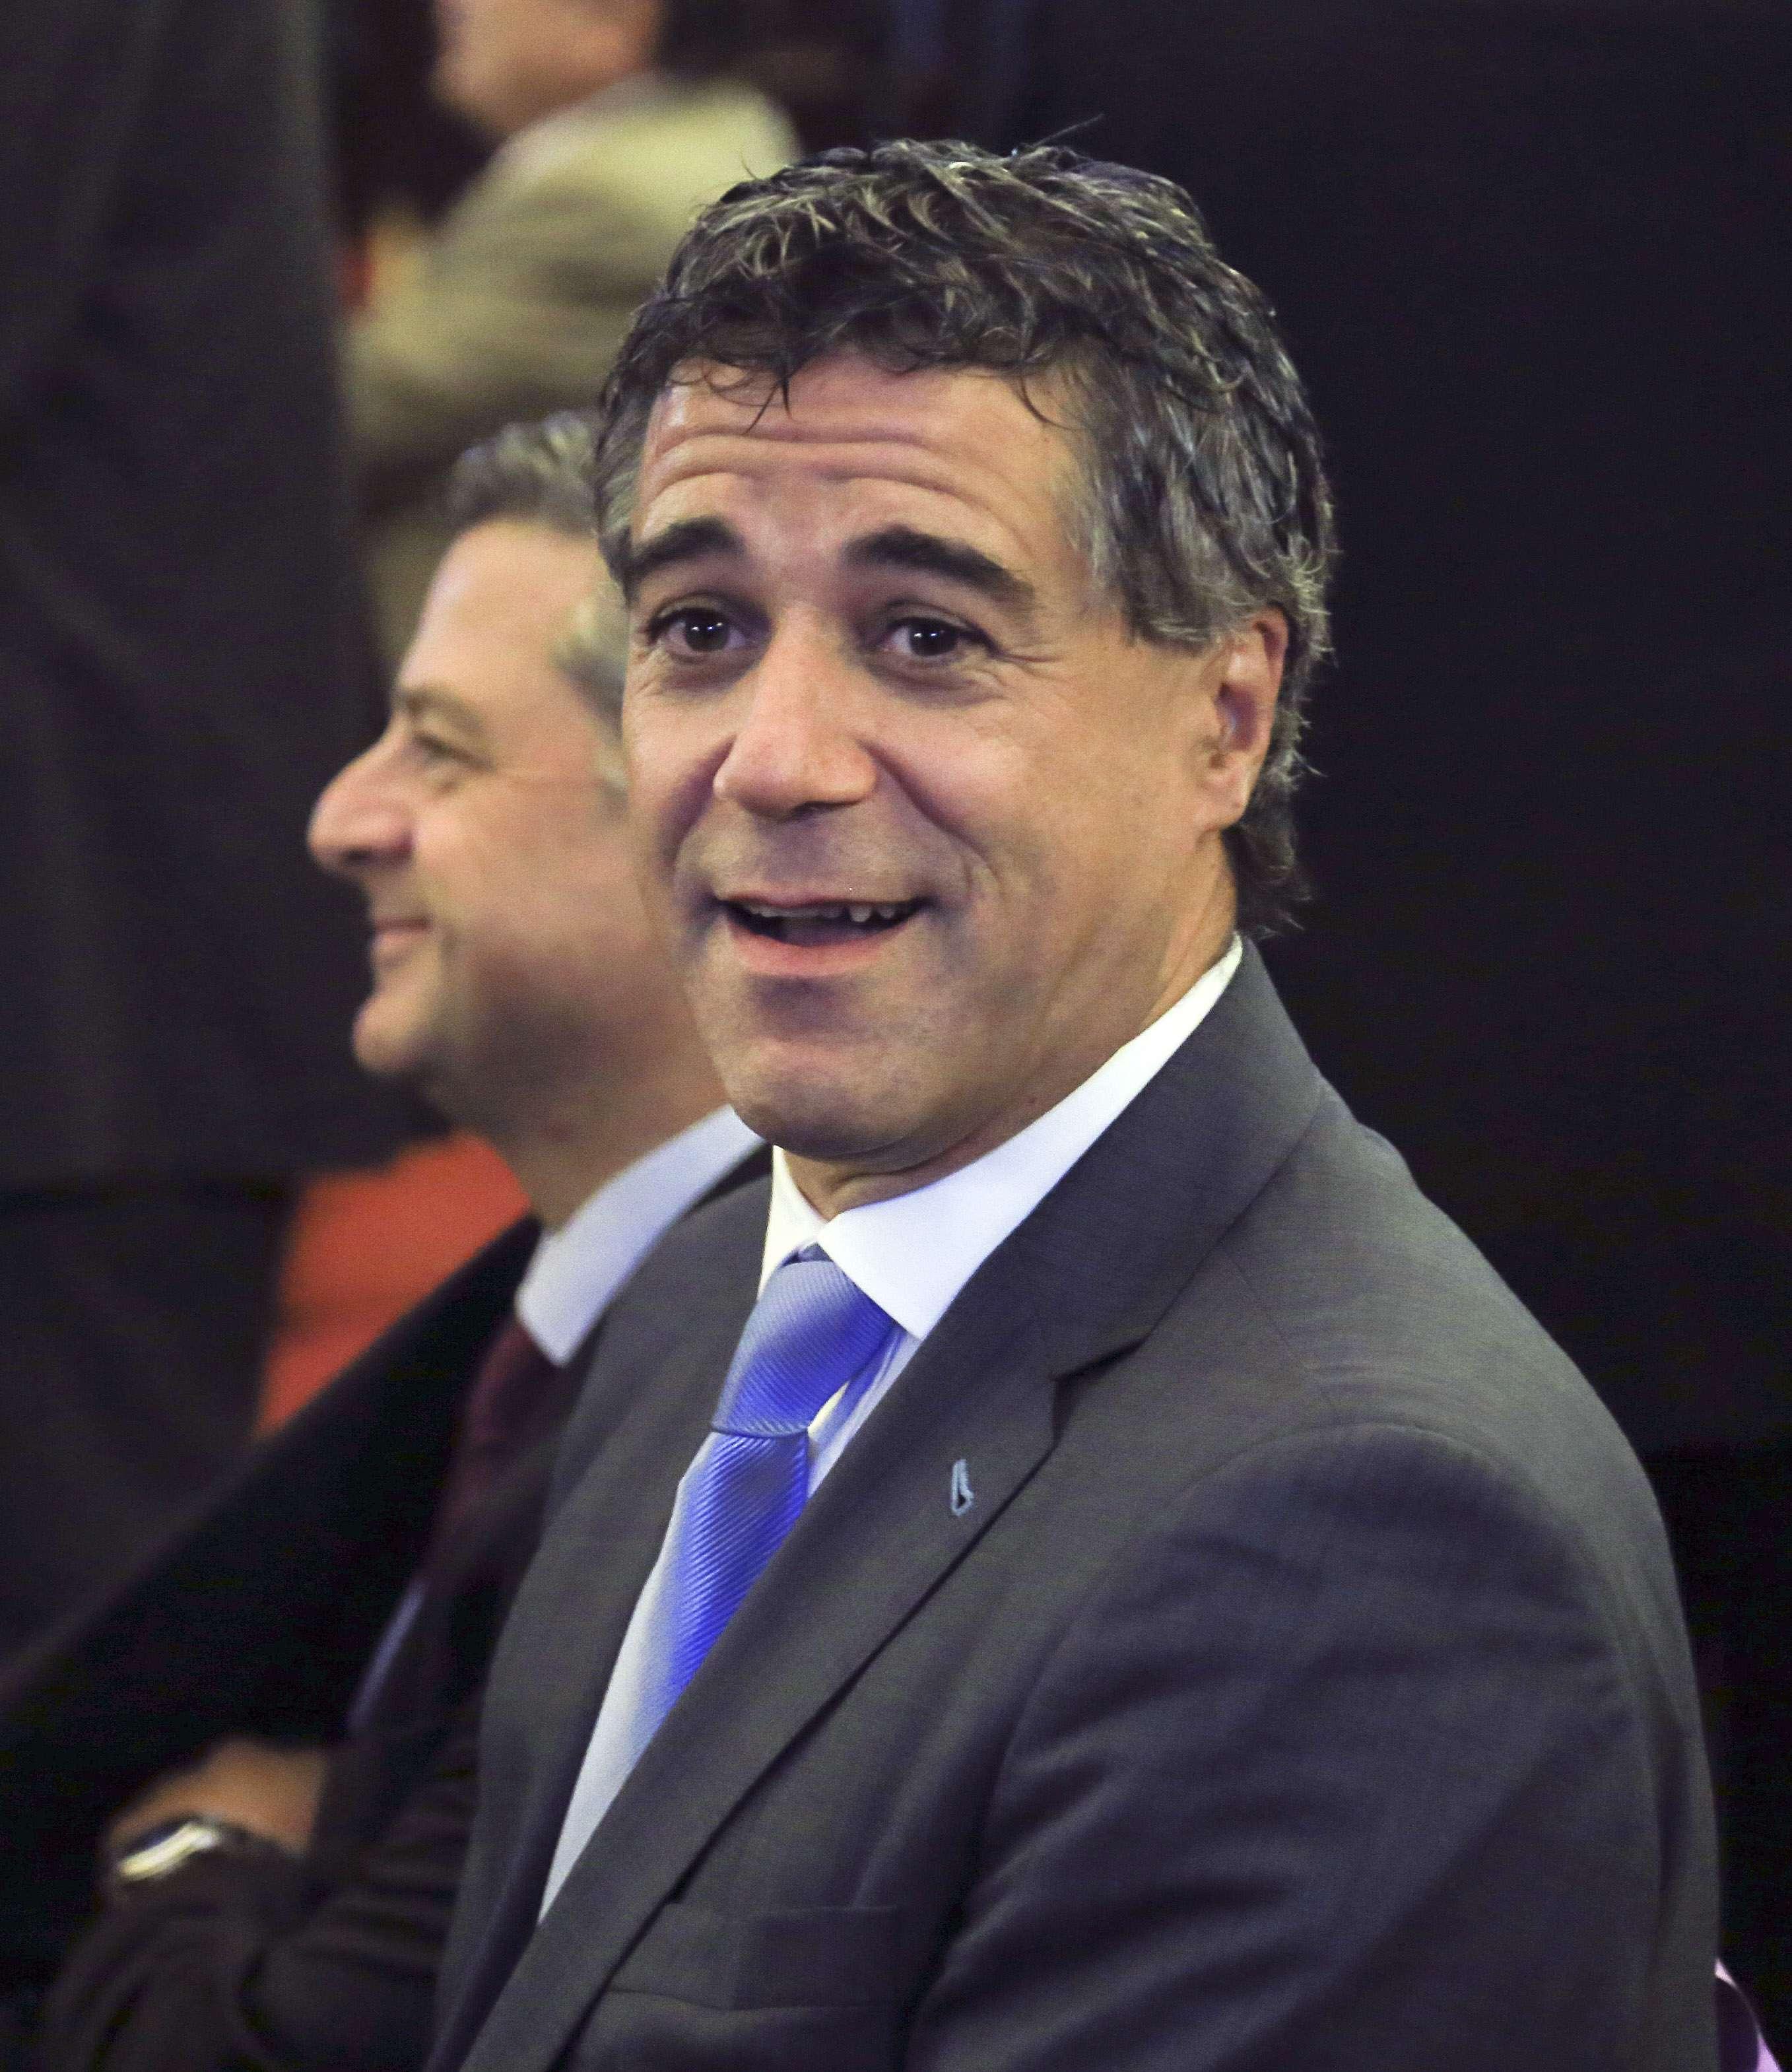 Daniel Rafecas es el juez que entiende en la causa acerca de la denuncia de Nisman contra Cristina Fernández, el canciller Timerman, Luis D´Elía y otros funcionarios oficialistas. Foto: NA